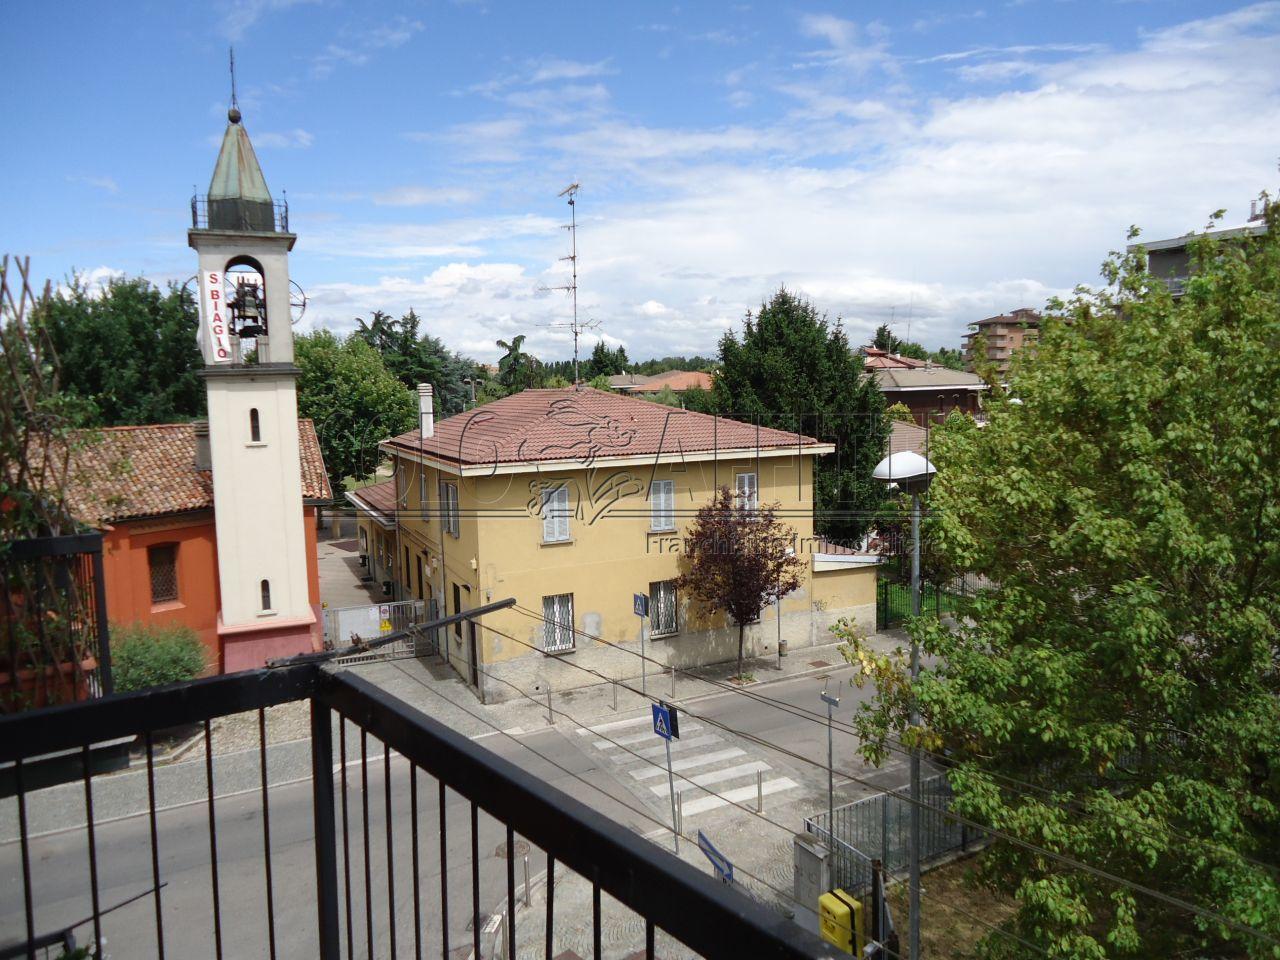 Bilocale Rozzano Via Bergamo 4 10